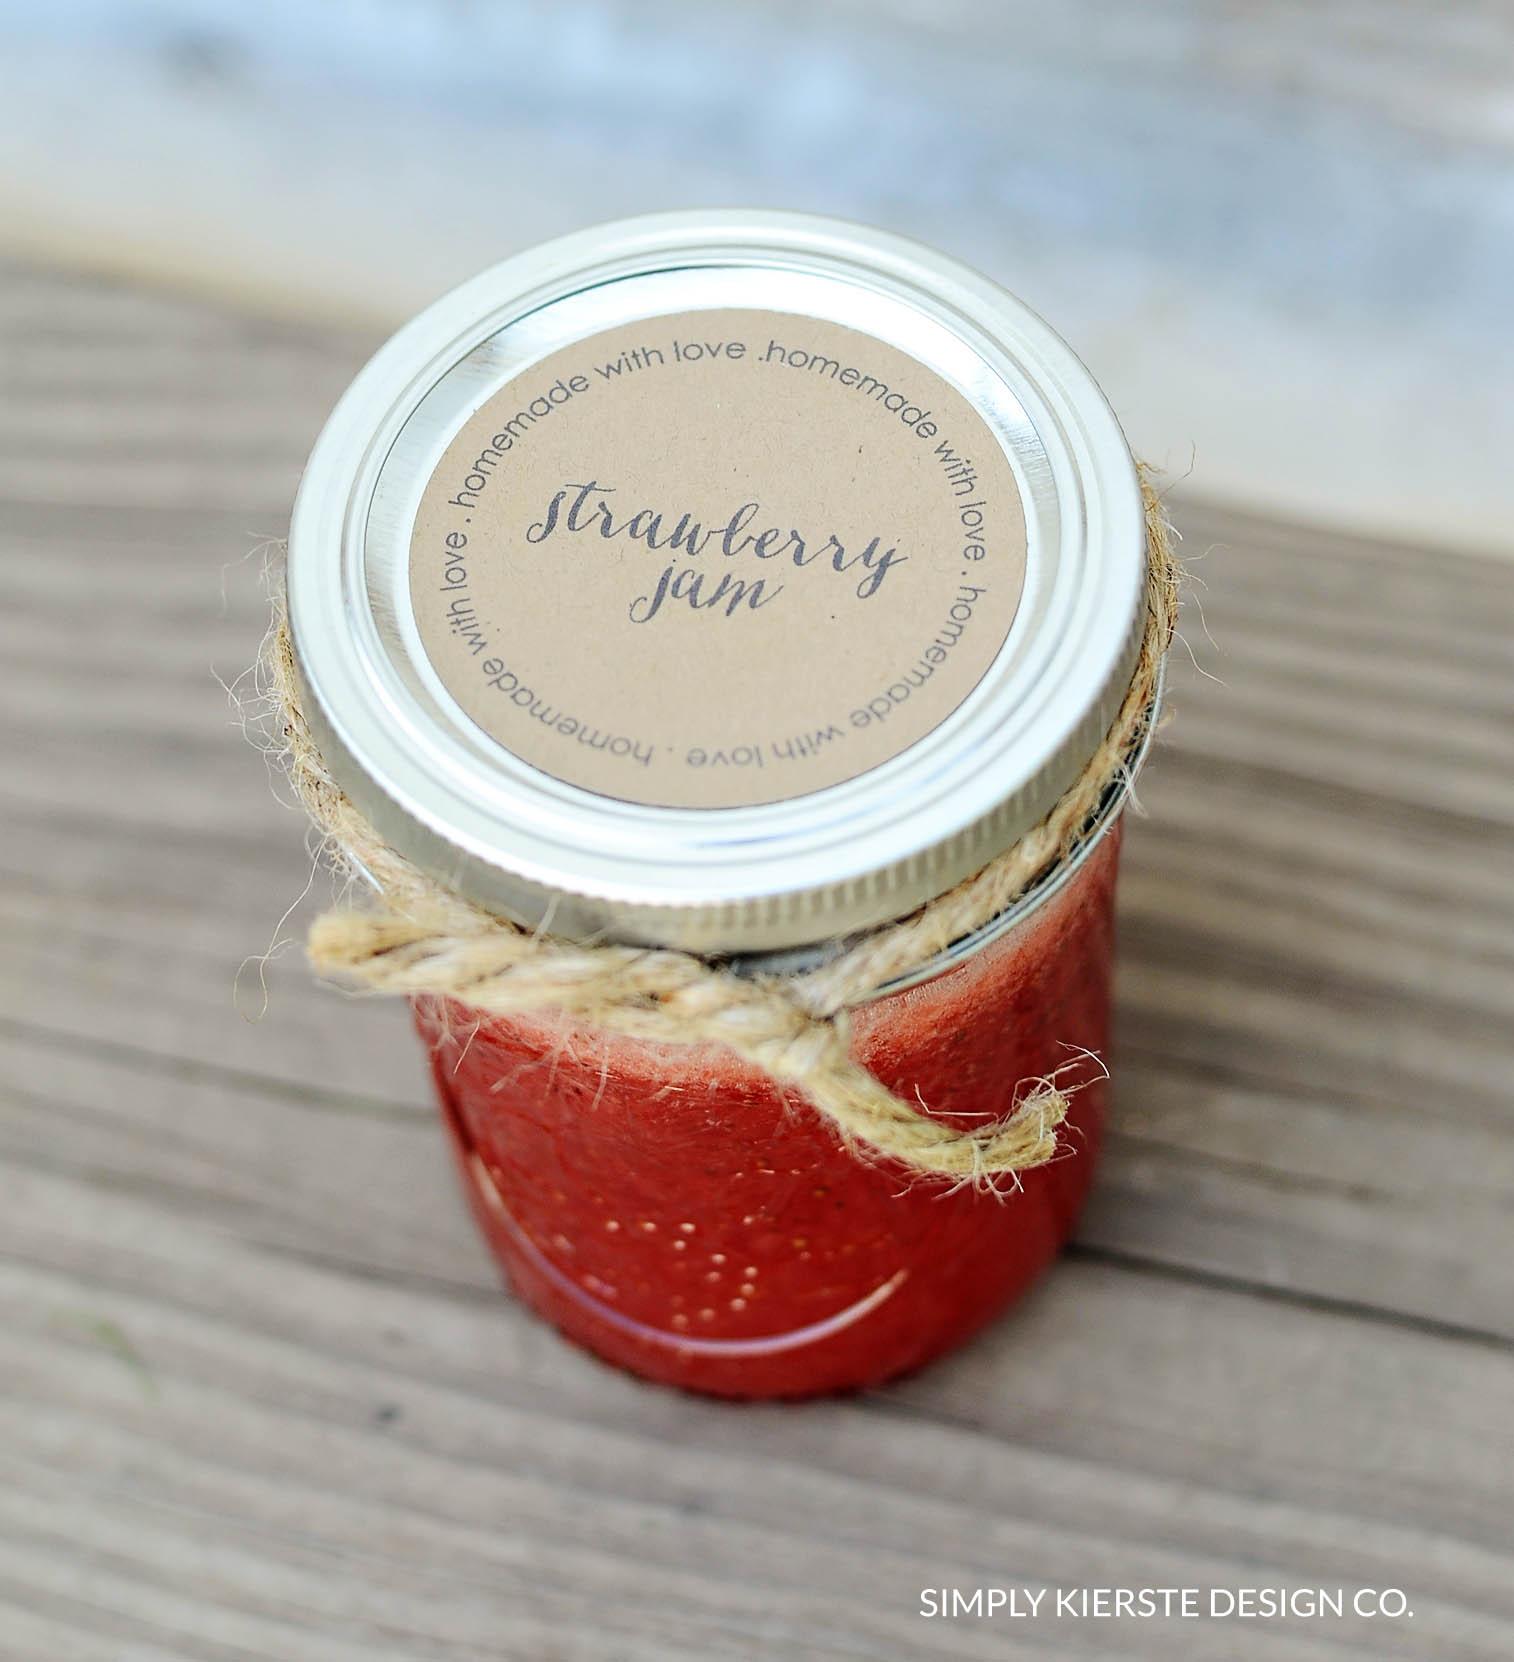 Homemade Jam Gift Tags | Printable Tags | oldsaltfarm.com #gifttags #homemadejam #printabletag #easygiftidea